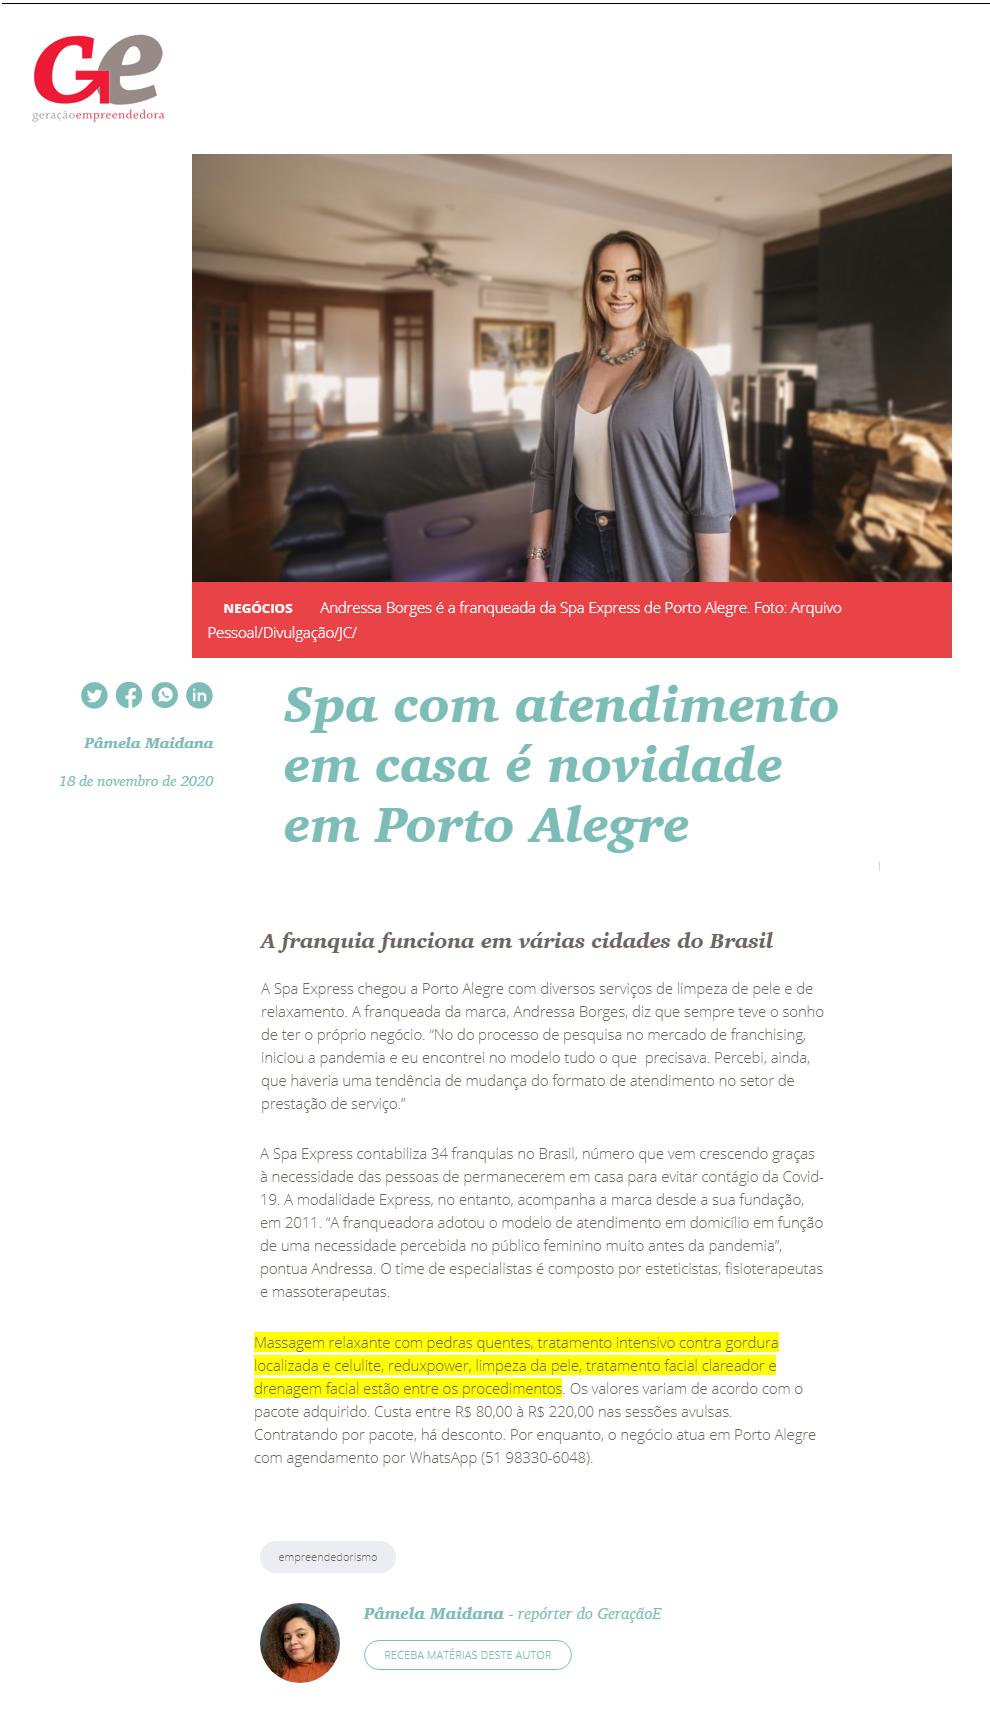 18_11 - Jornal do Comércio - Geracao E - Online - SPA Express